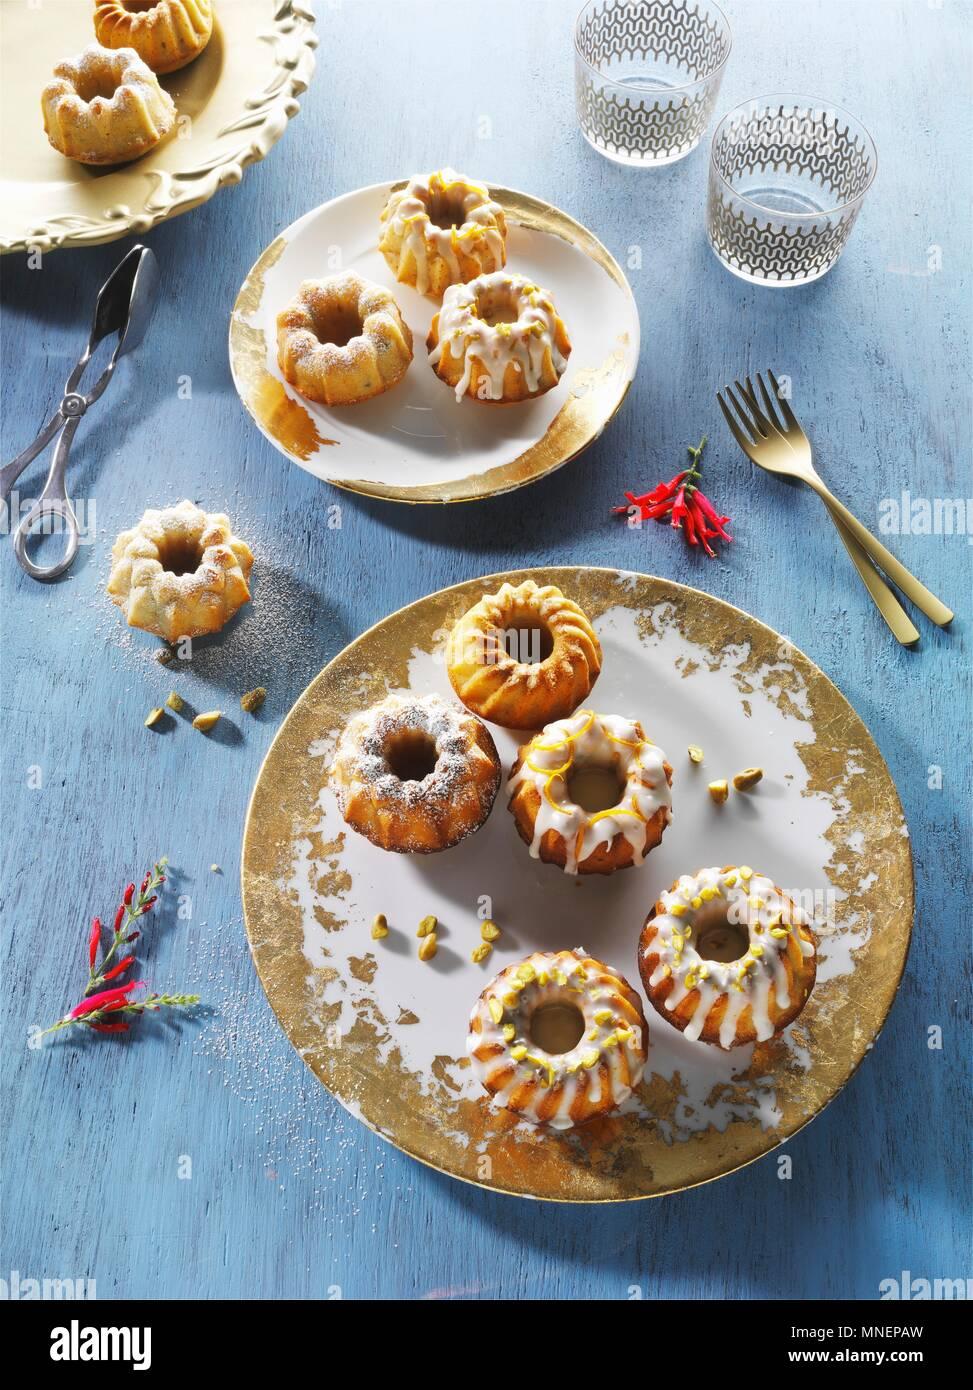 Mini Bundt Kuchen auf Gold-gemusterten Platten auf einem blauen Holz- Oberfläche Stockbild